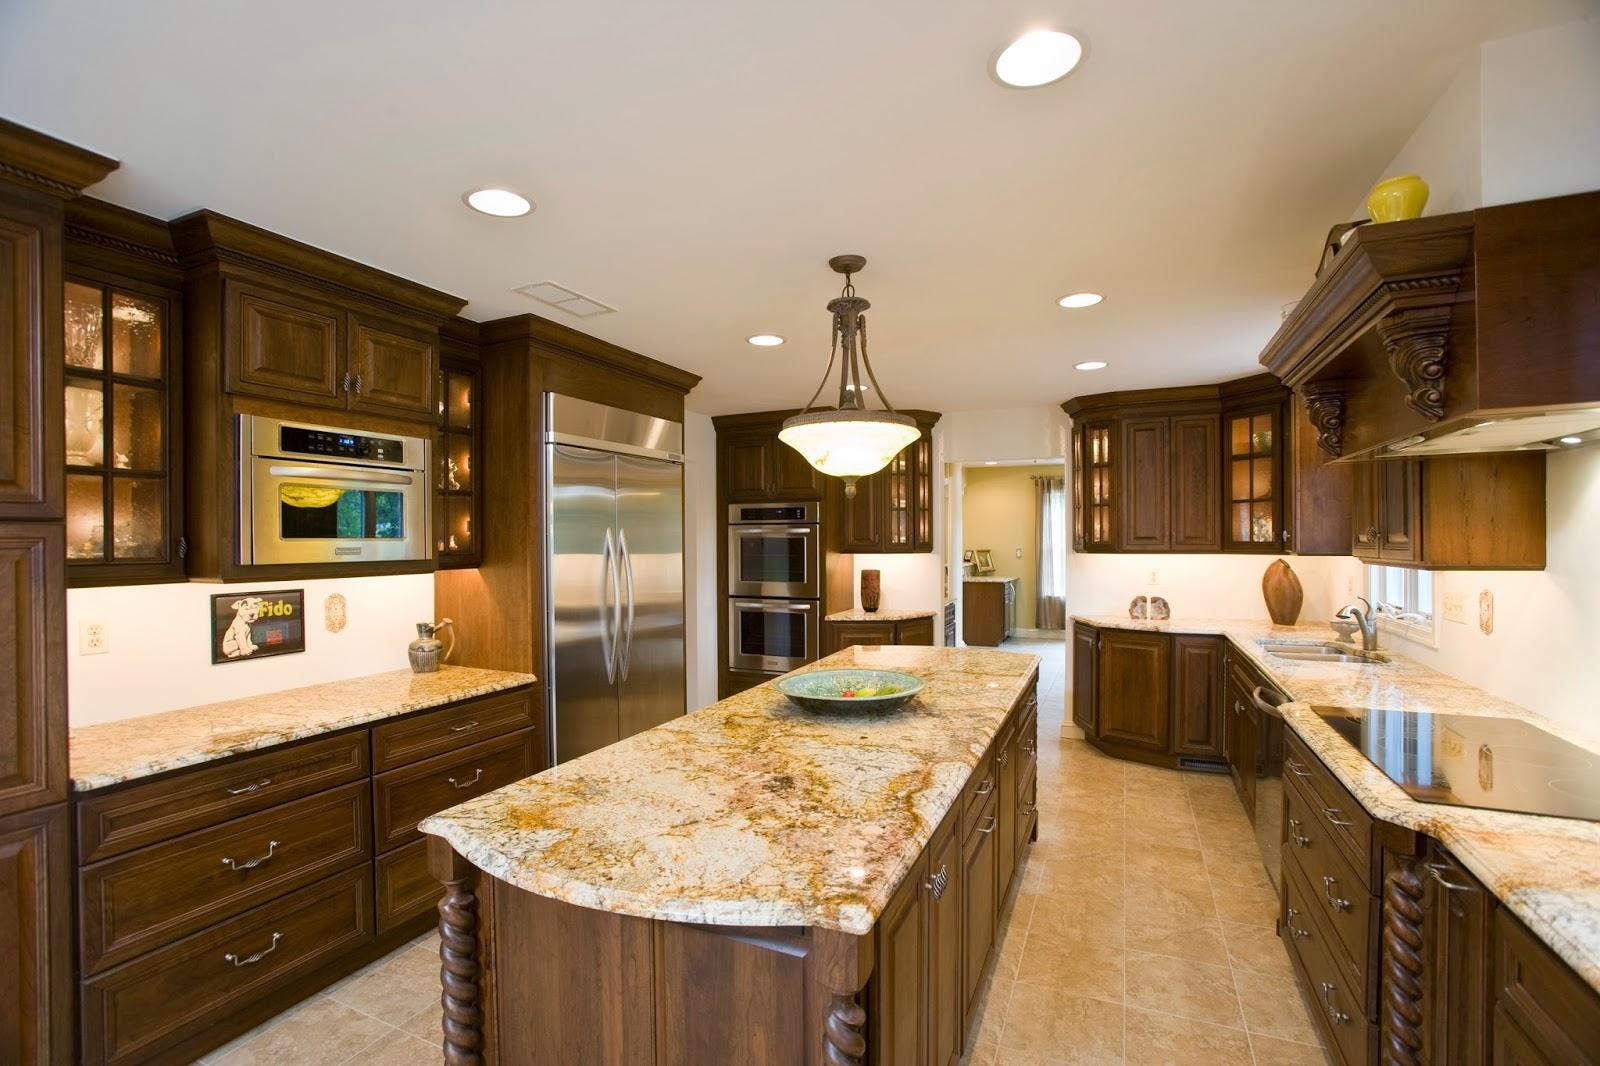 Phong thủy phòng bếp về màu và chất liệu mà bạn nên biết - Nhà Đẹp Số (11)